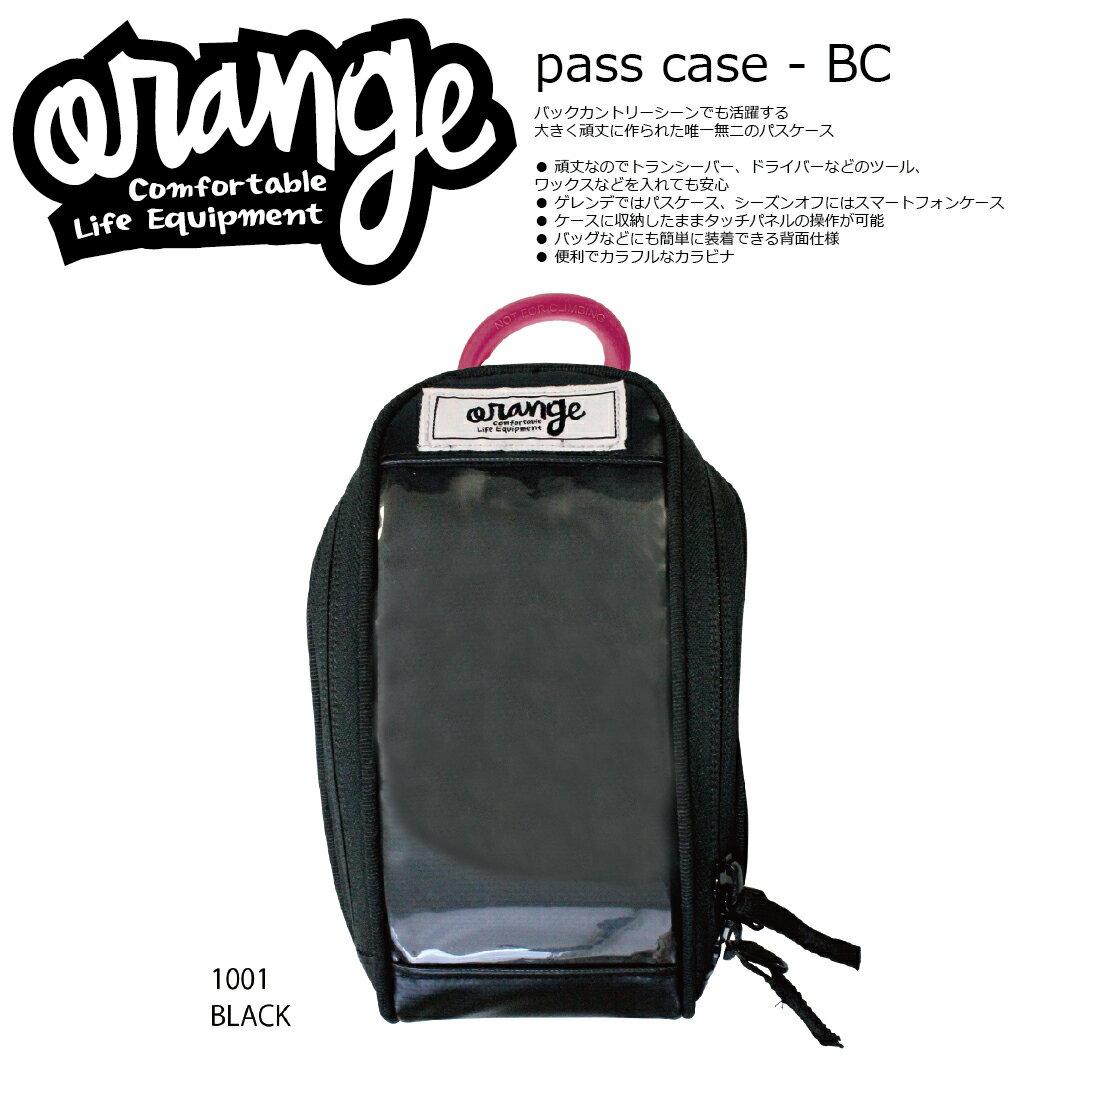 Oran'ge Pass-Case BC カラビナ付 1001 BLACK オレンジ パスケース 縦タイプ ビーシー カーゴ 収納ポケット付 2017 2017-18